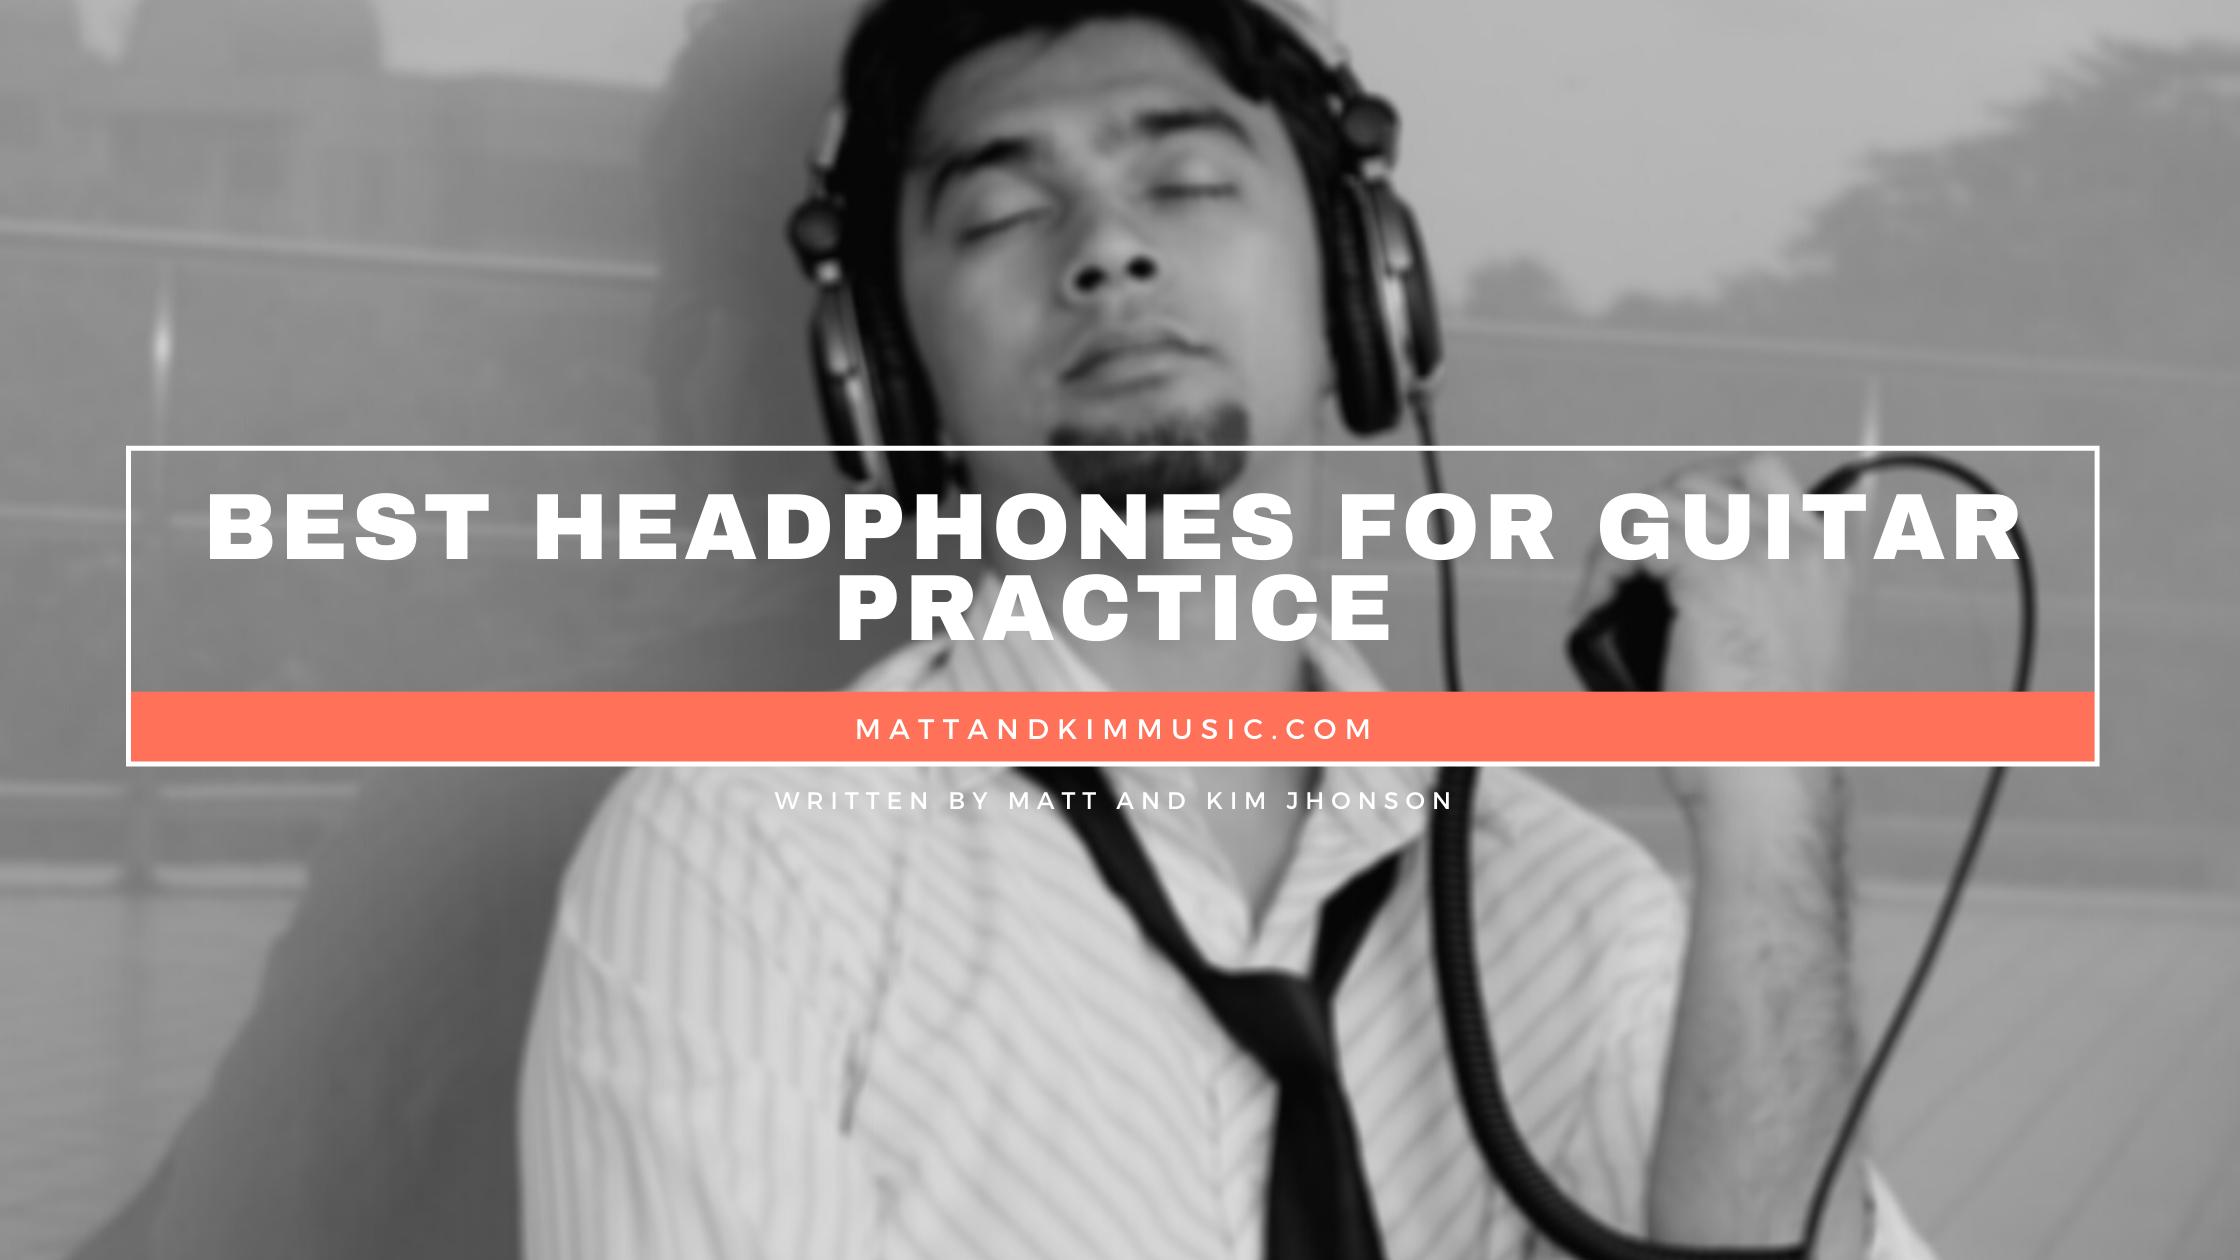 Best Headphones For Guitar Practice